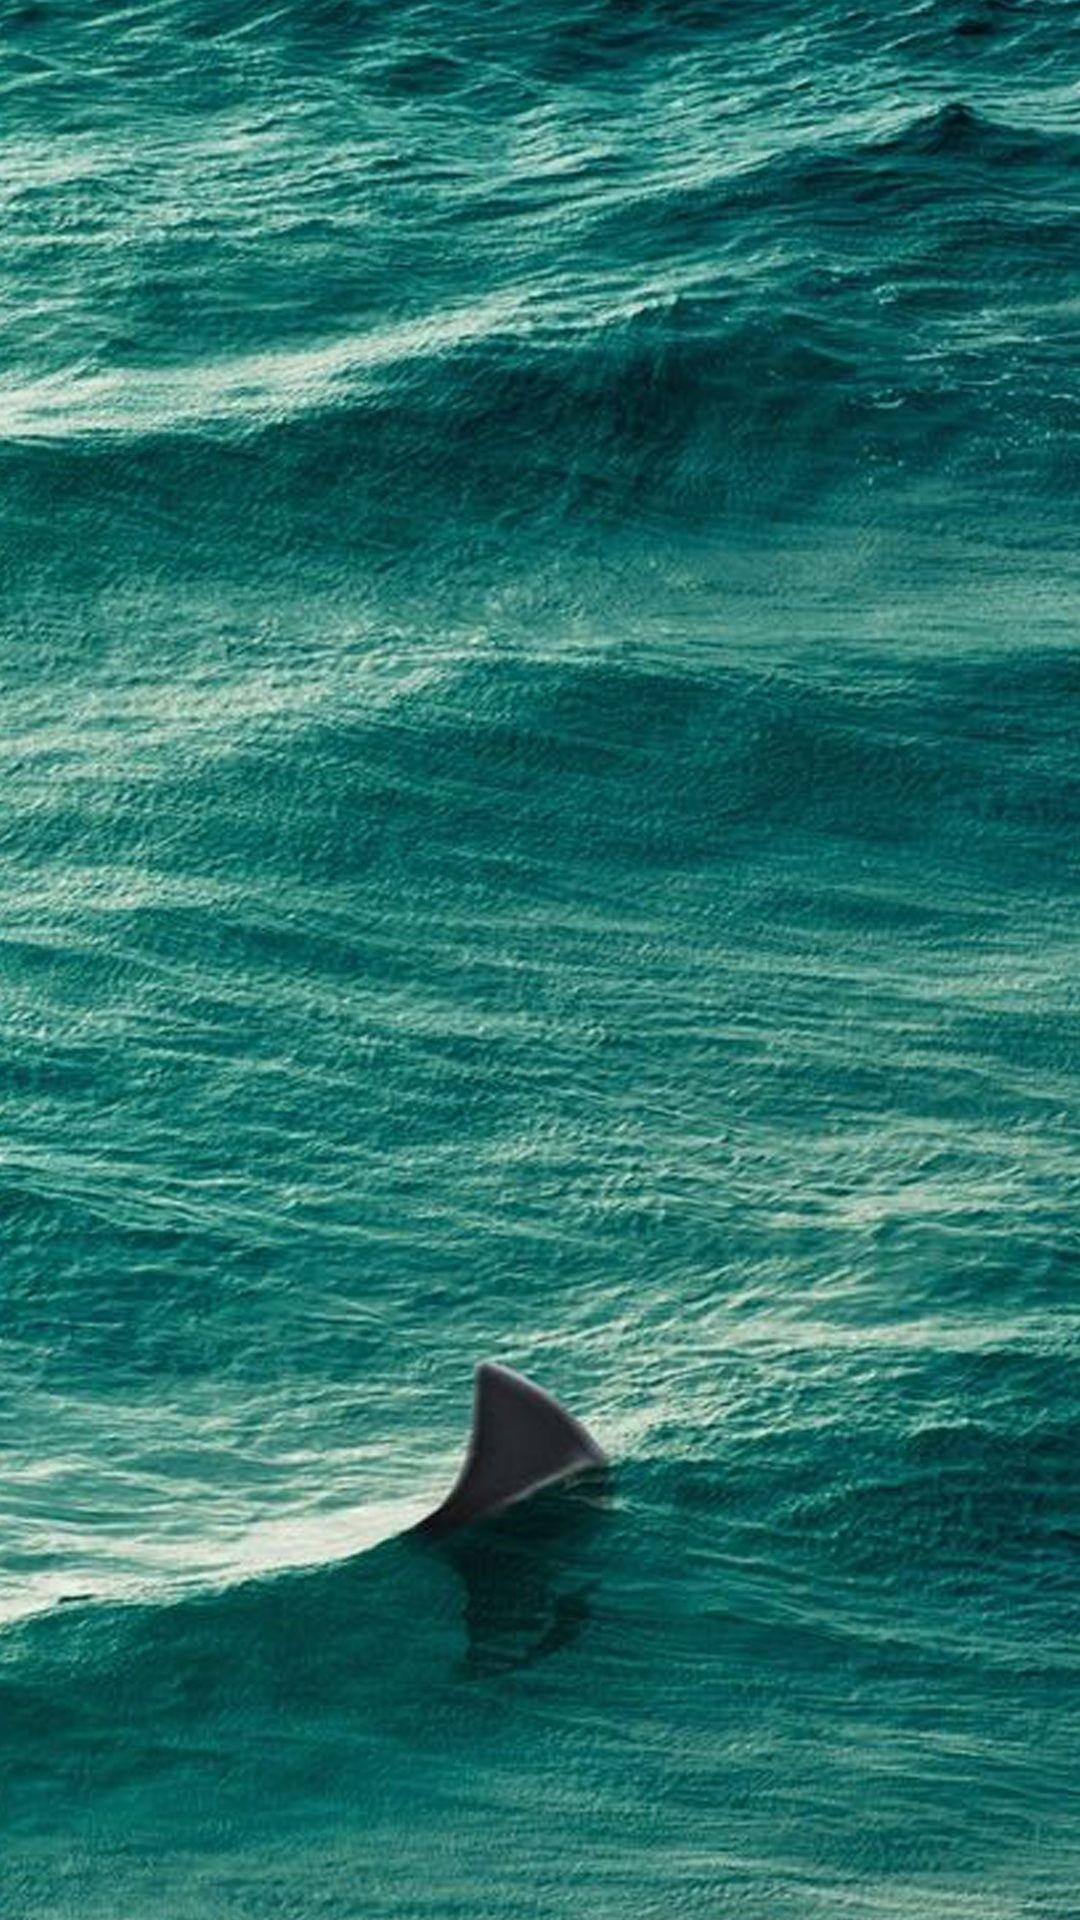 Shark iPhone hd wallpaper